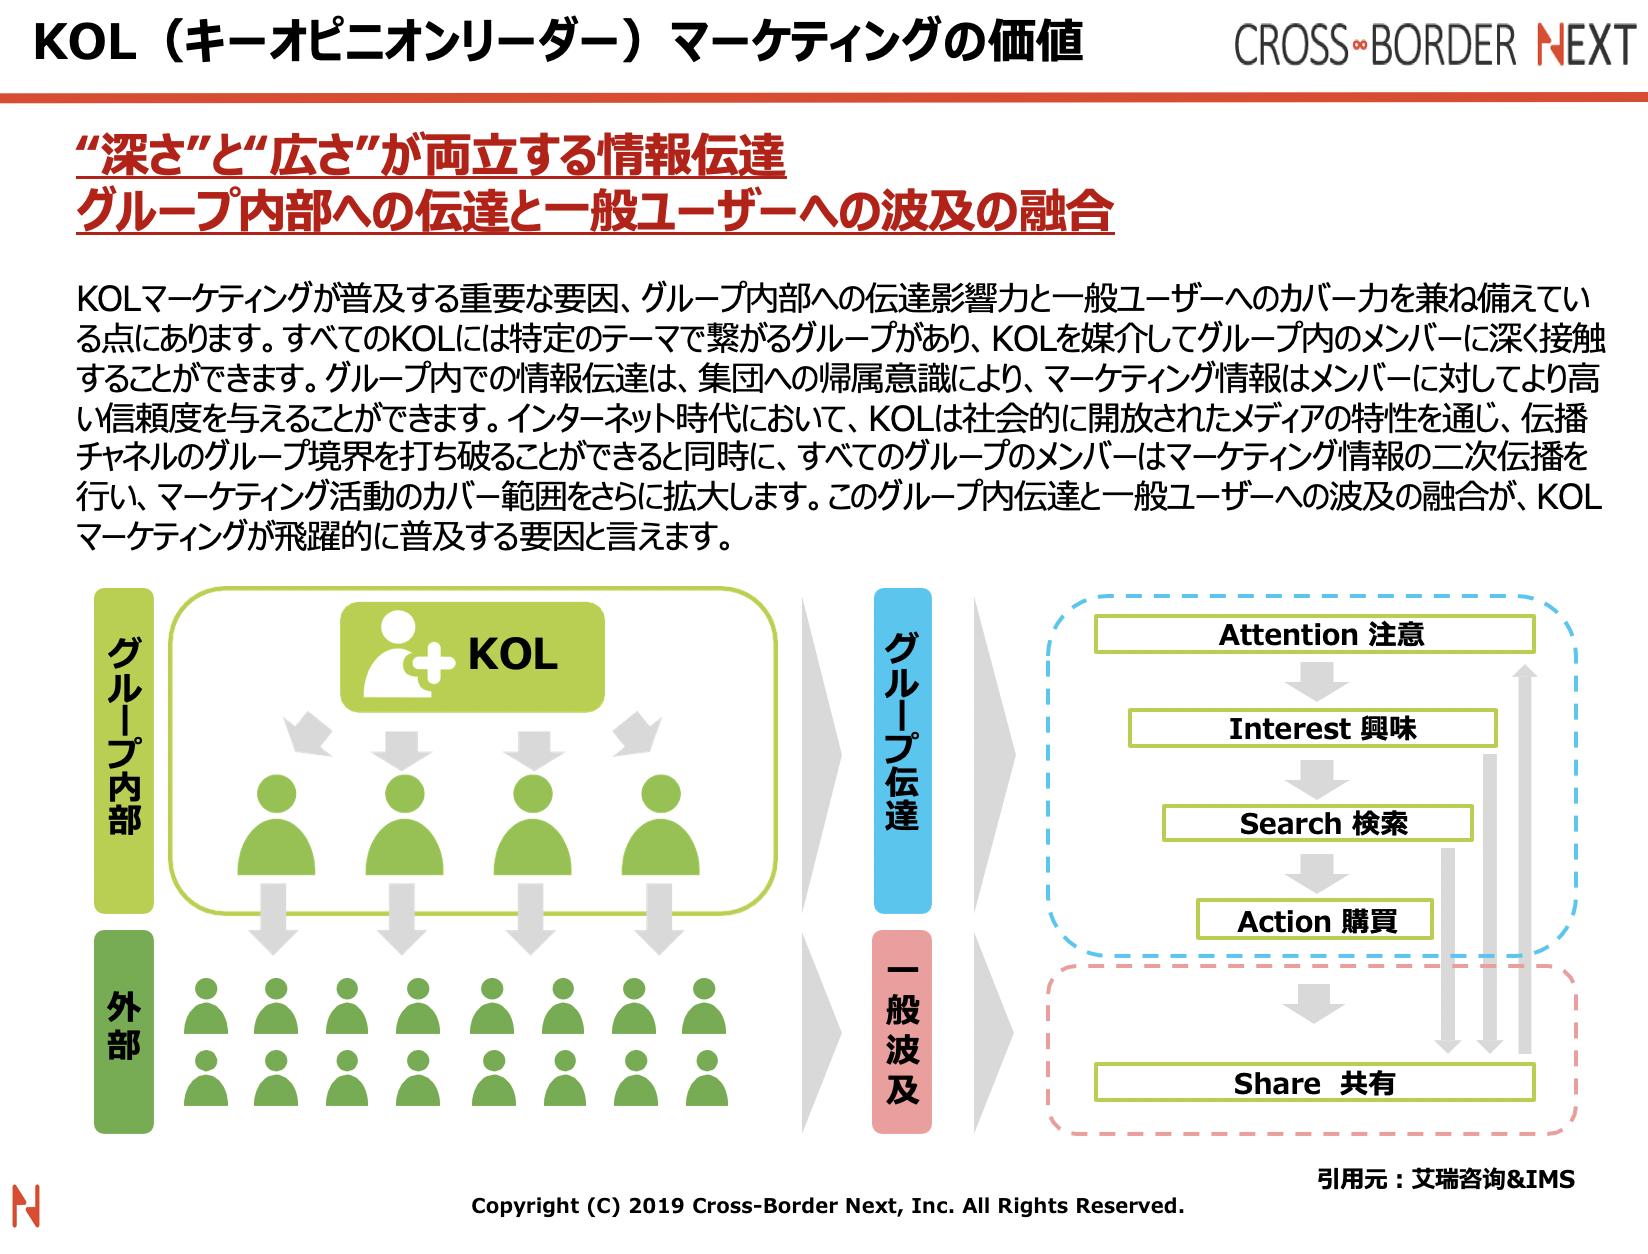 中国インフルエンサー(KOL)マーケティングのメリット:広さと深さを両立する情報伝達力